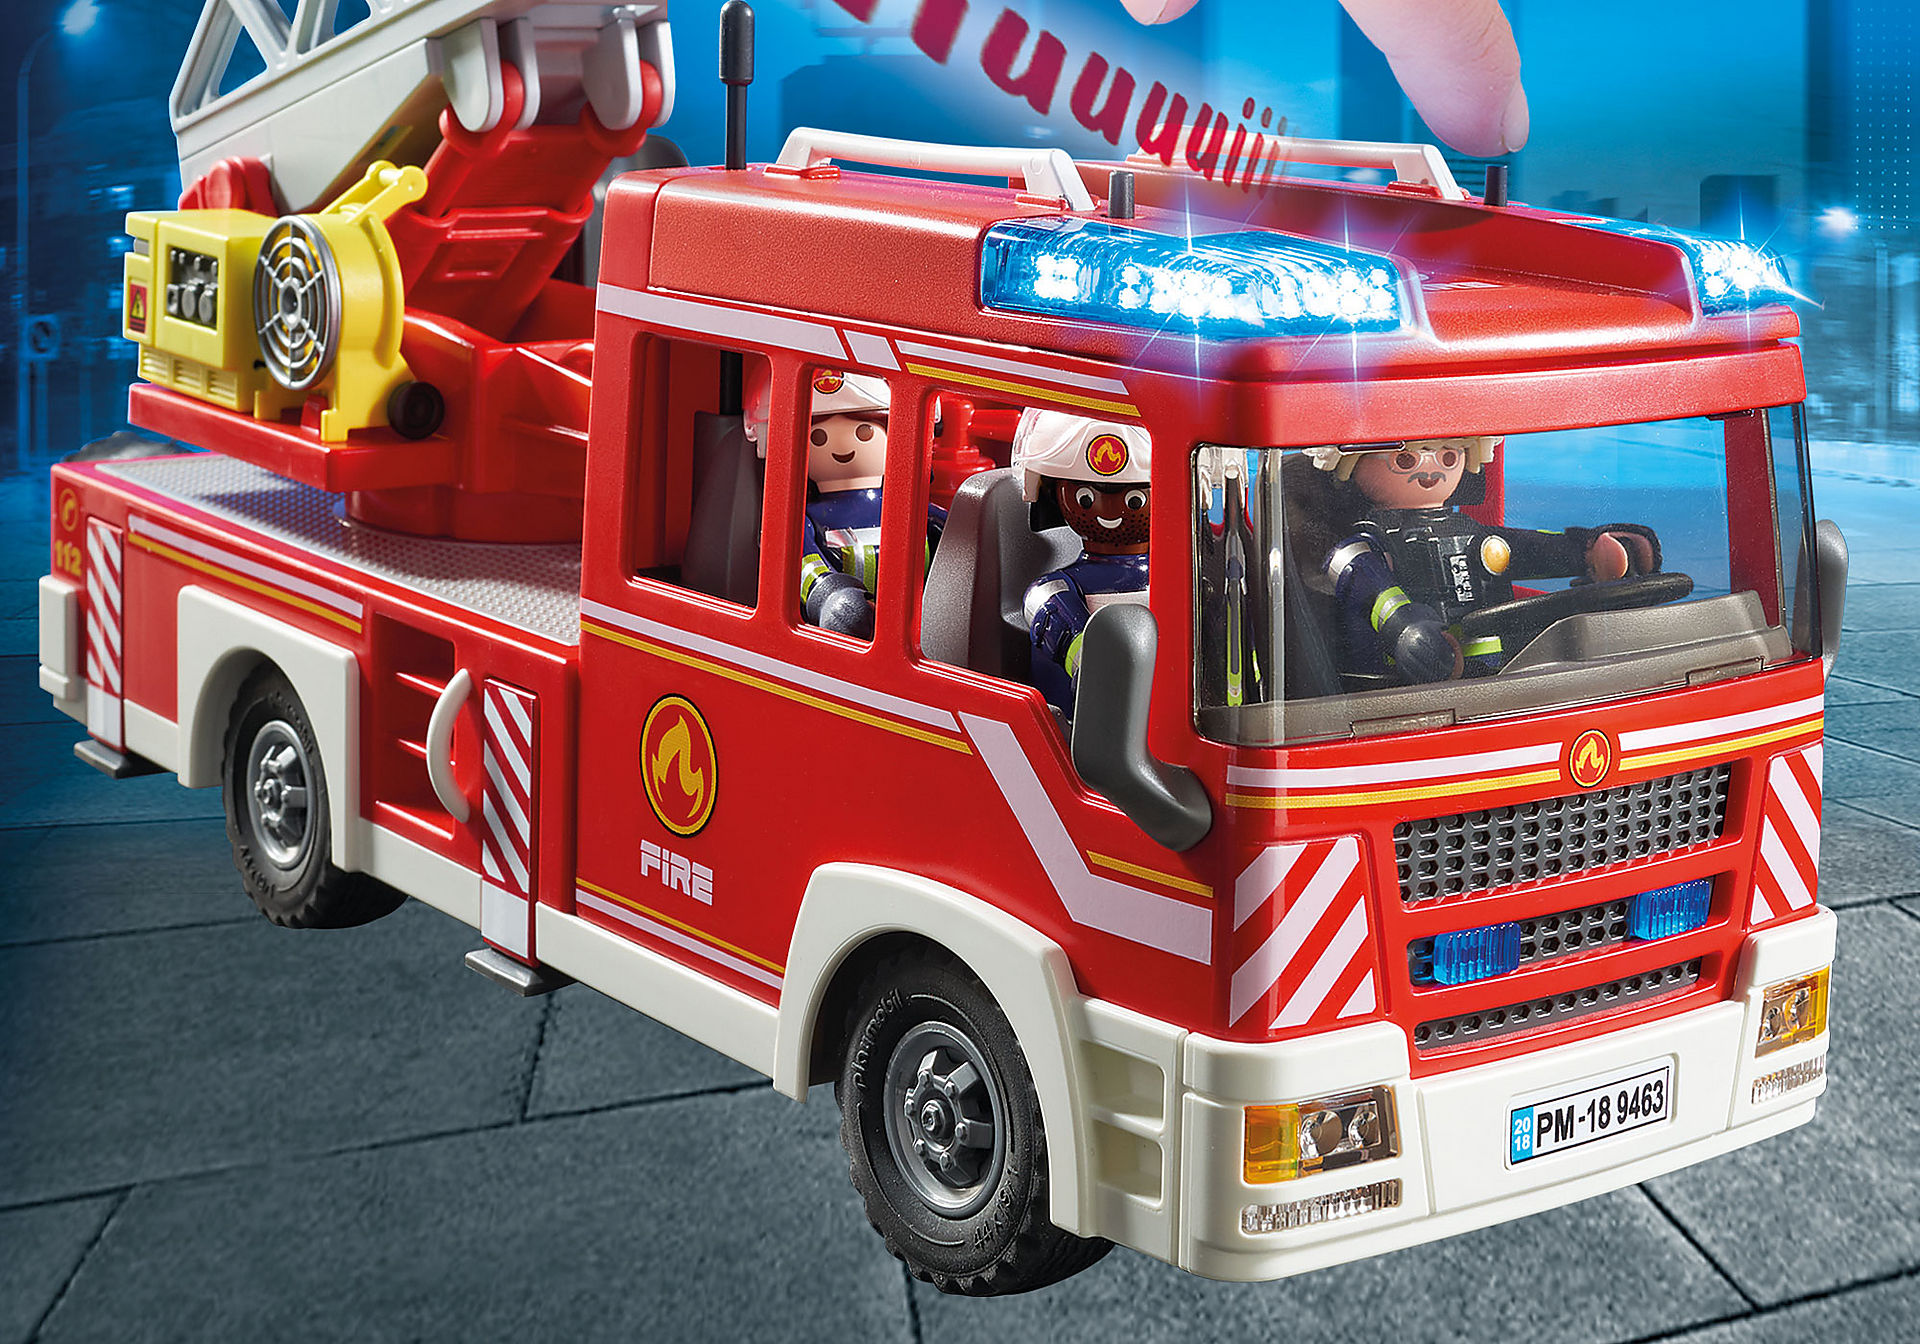 http://media.playmobil.com/i/playmobil/9463_product_extra1/Camion de pompiers avec échelle pivotante